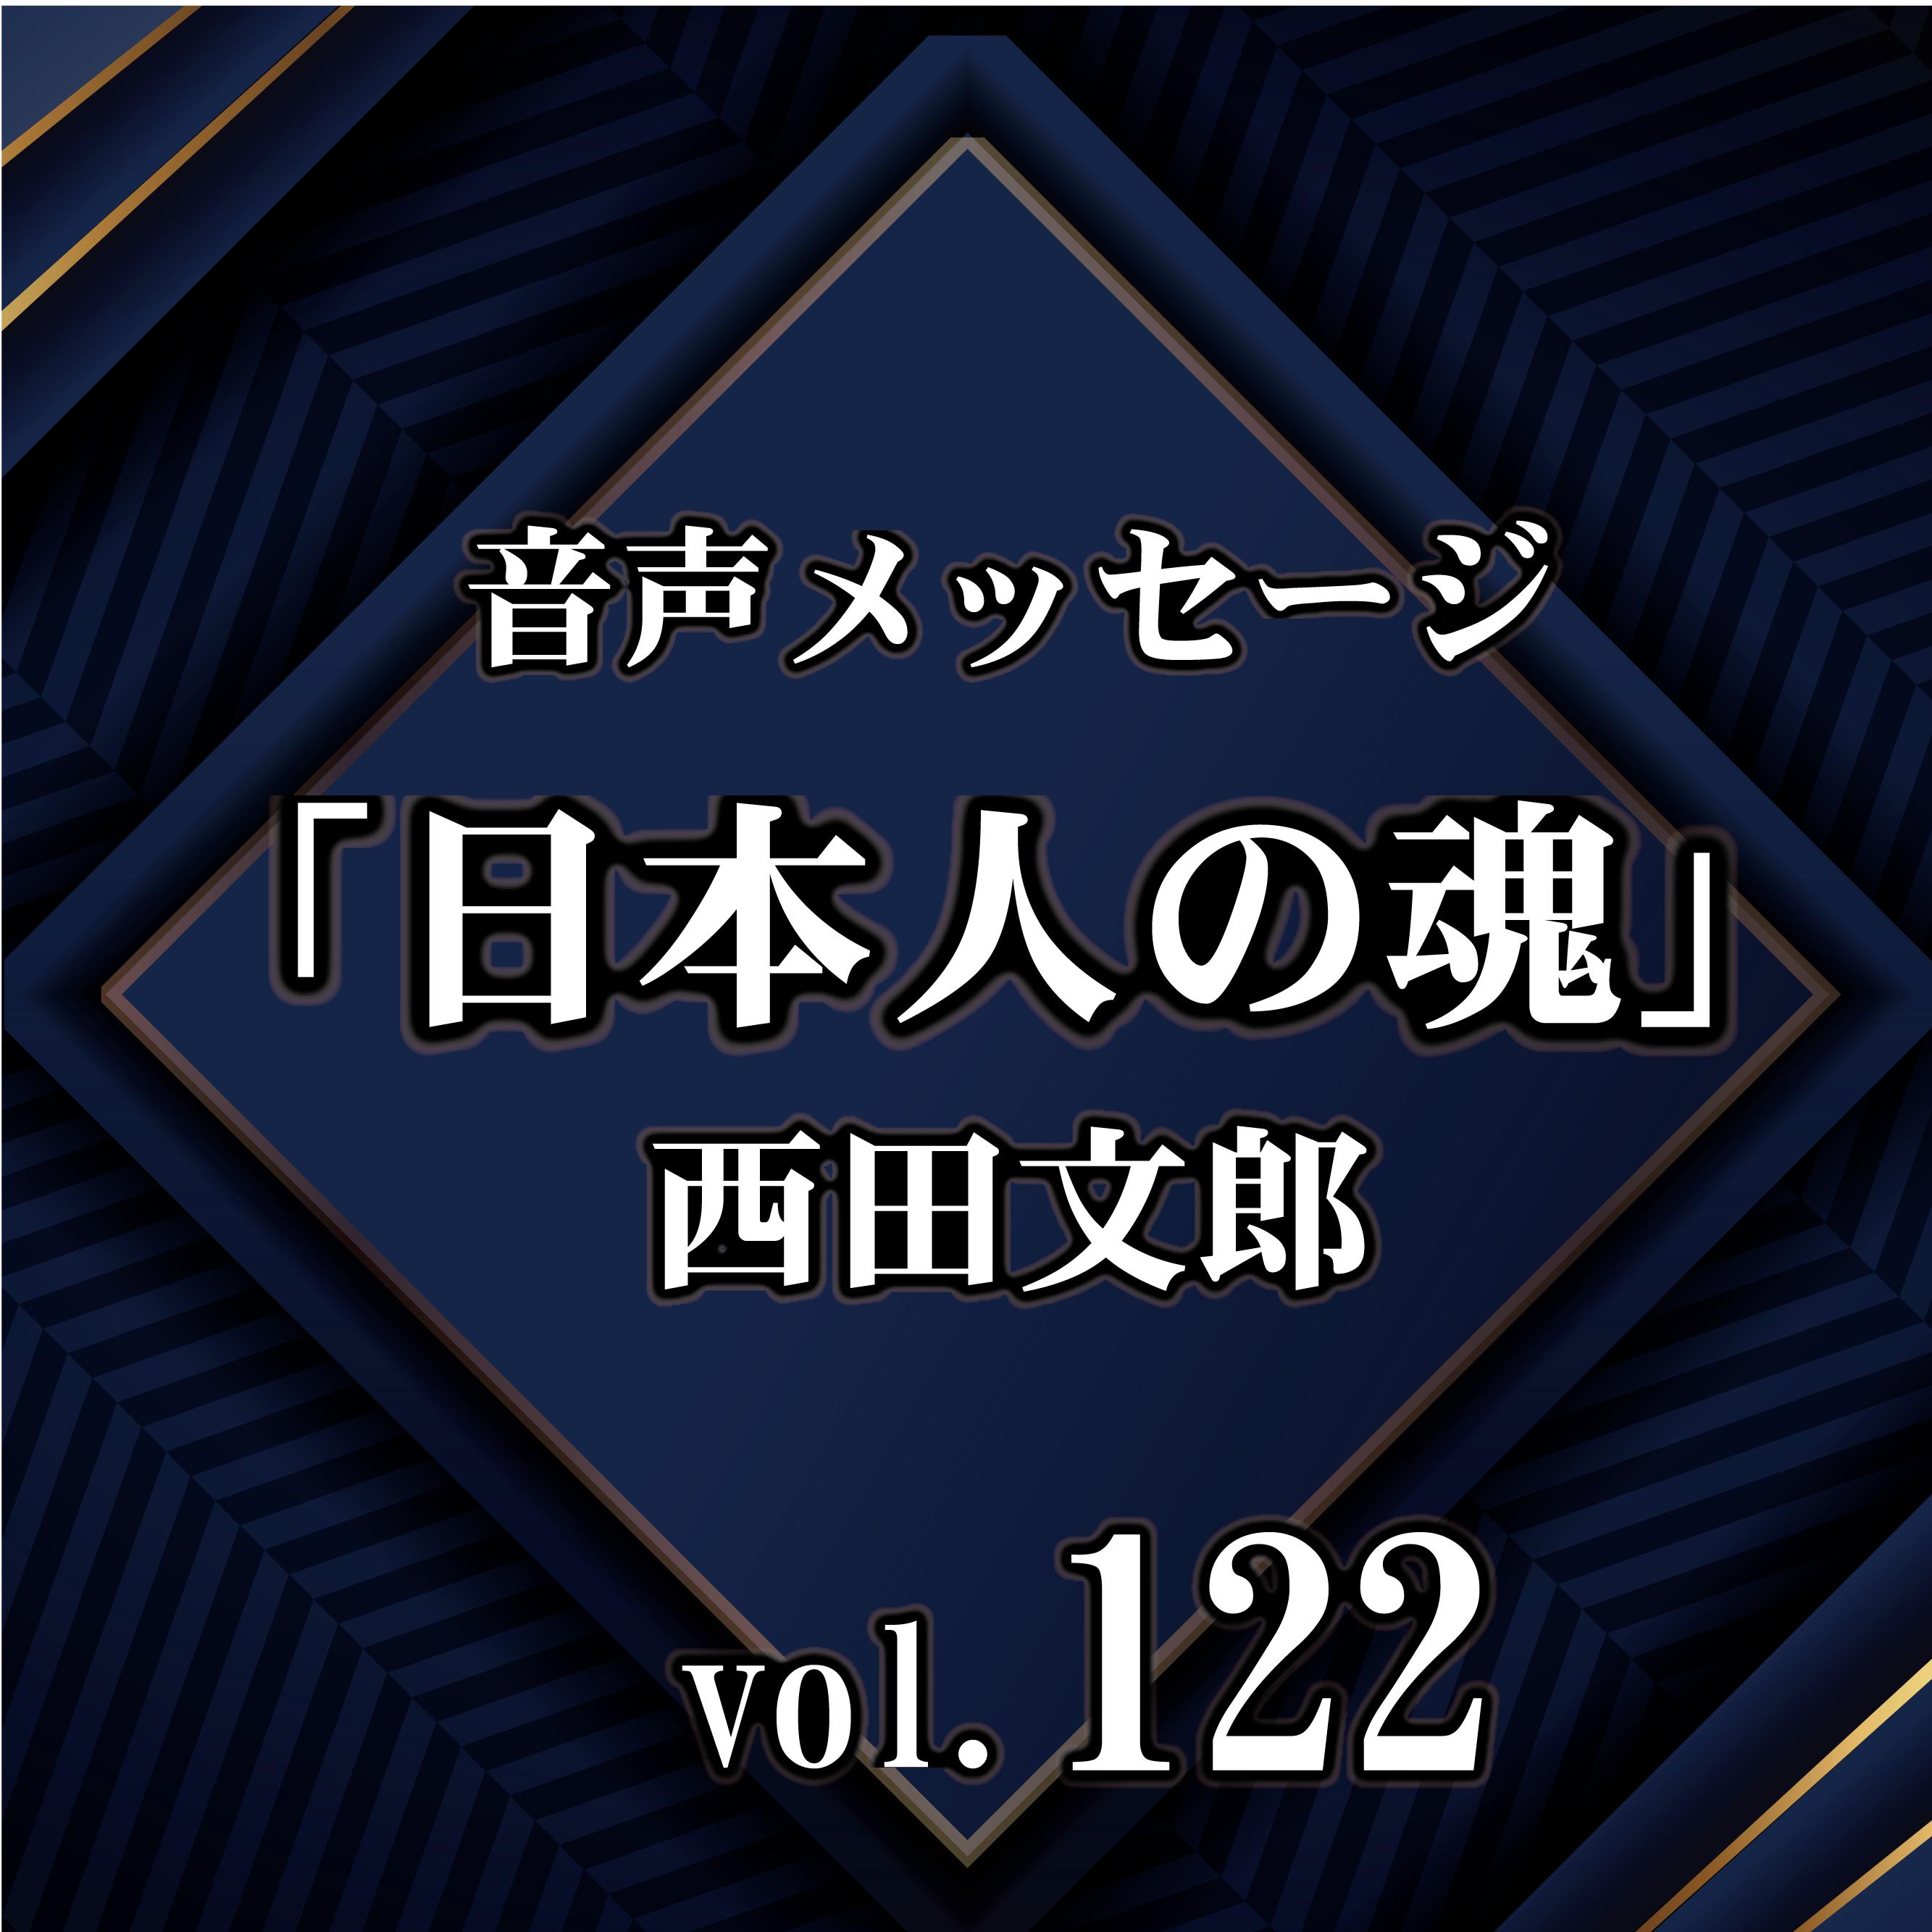 西田文郎 音声メッセージvol.122『日本人の魂』